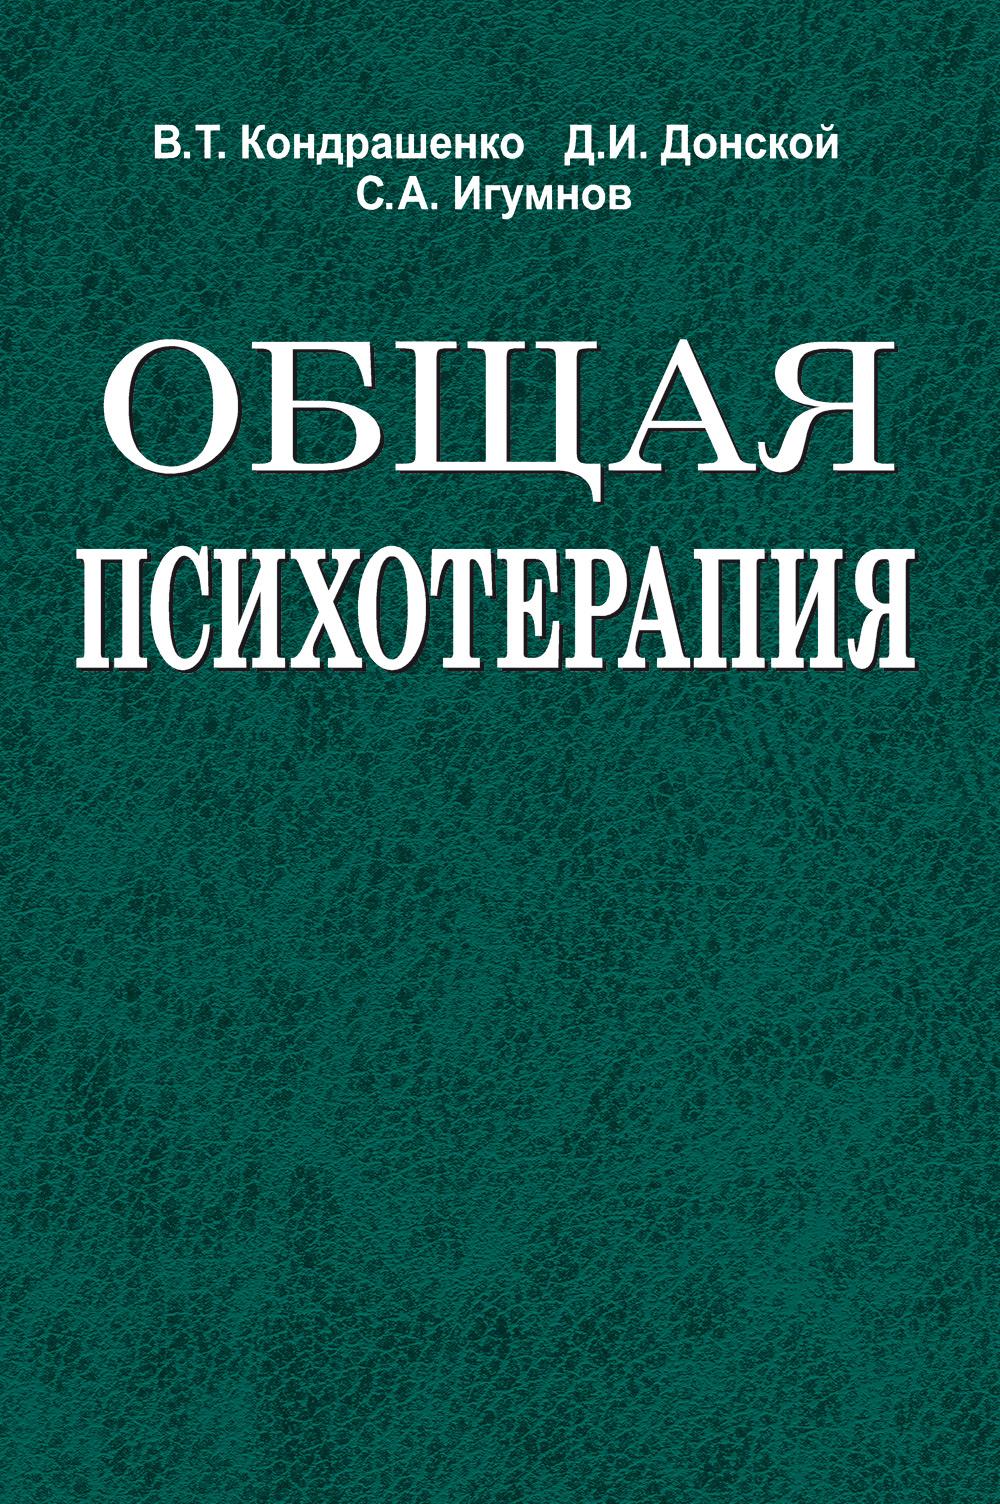 С. А. Игумнов Общая психотерапия